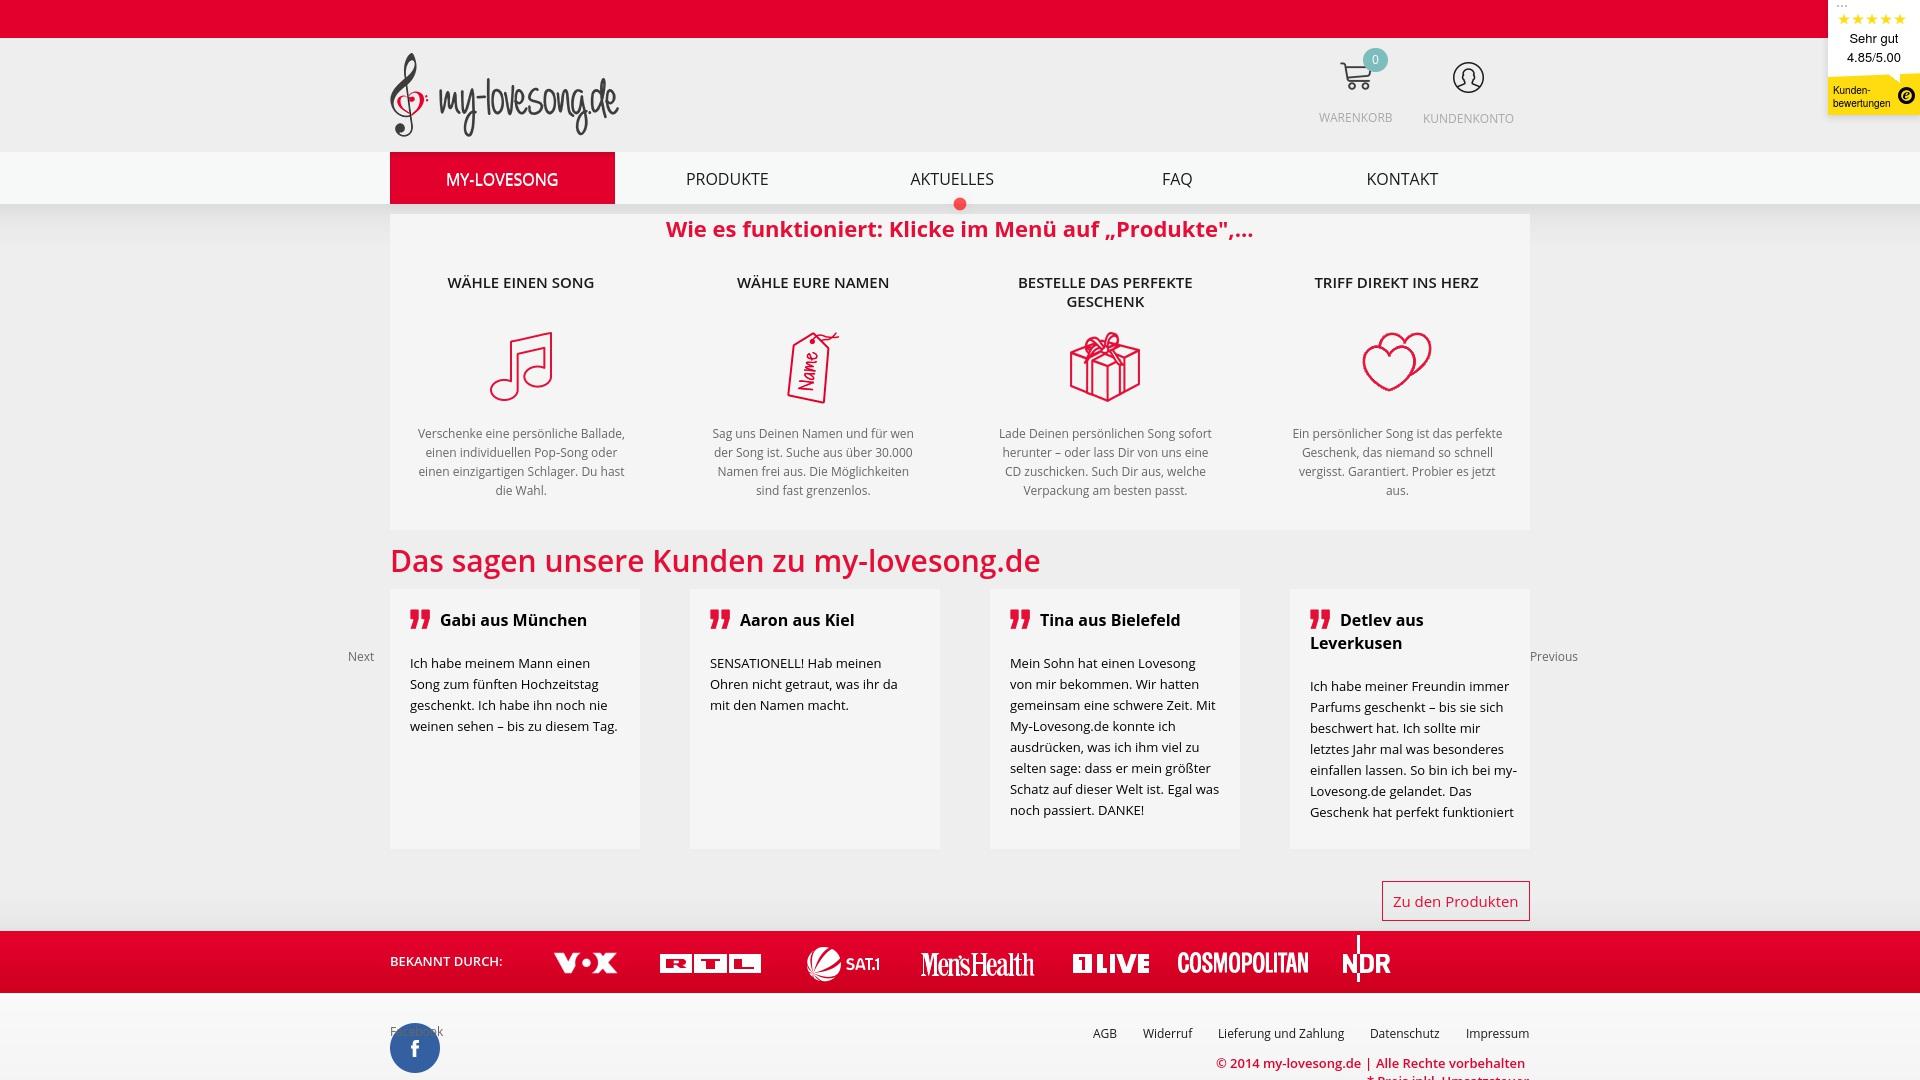 Gutschein für My-lovesong: Rabatte für  My-lovesong sichern